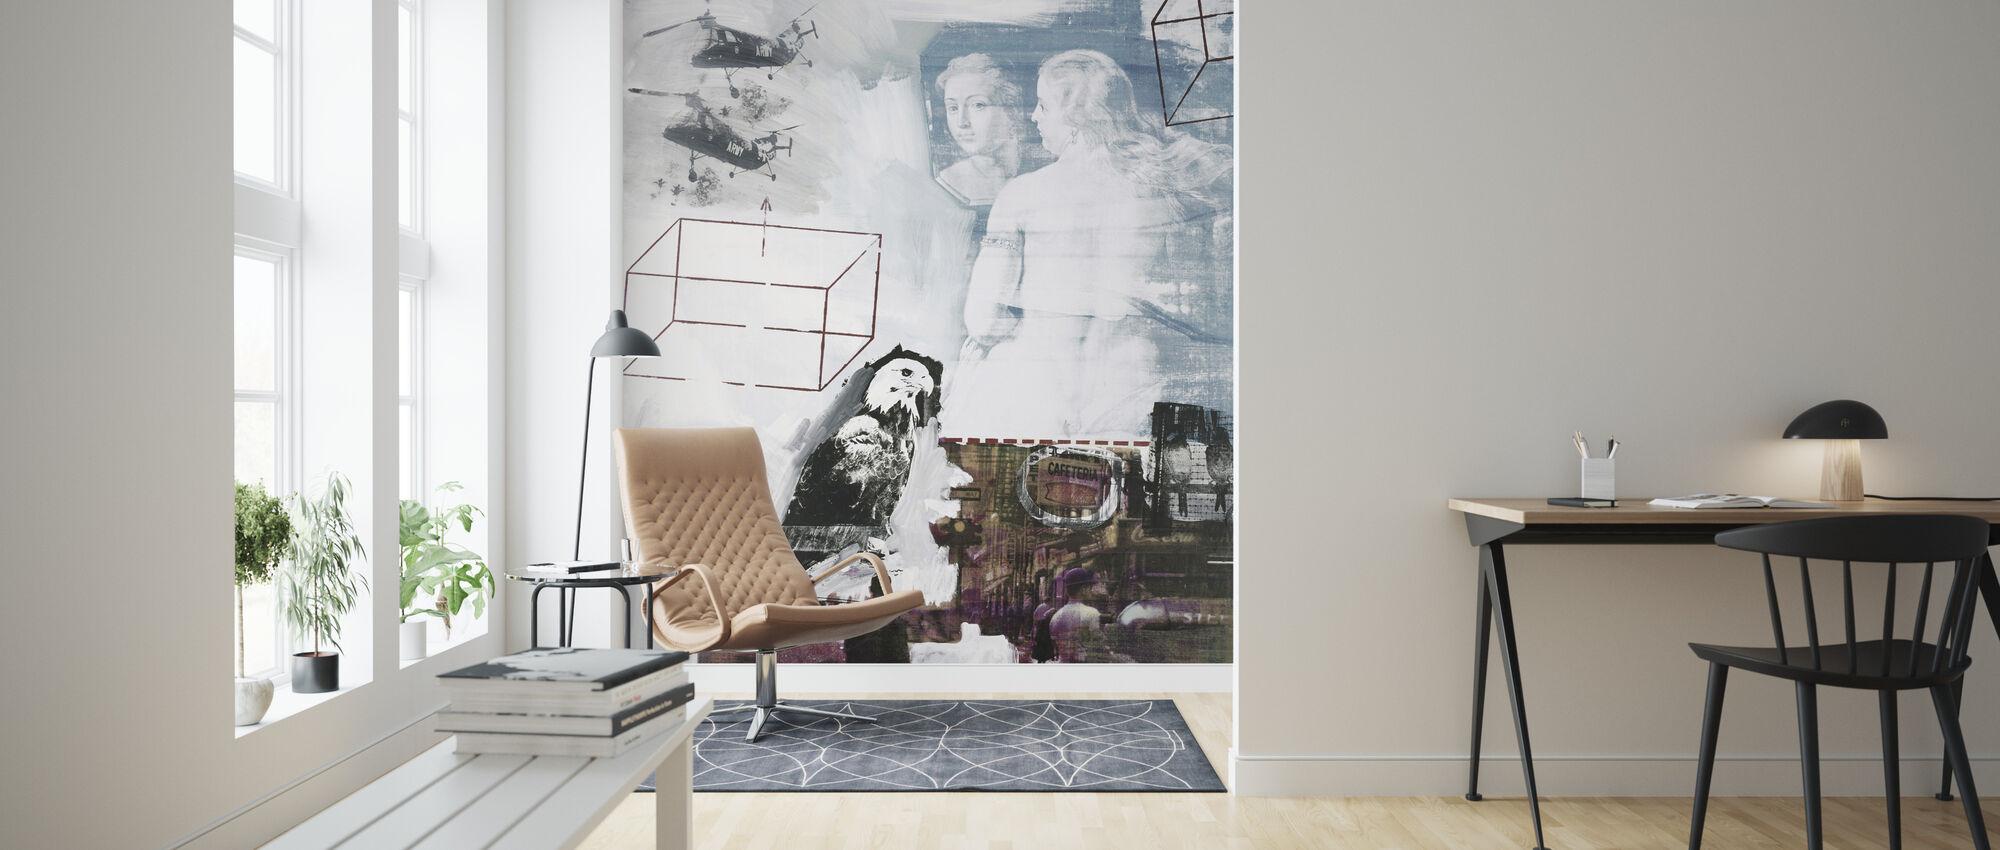 Tracer - Robert Rauschenberg - Wallpaper - Living Room